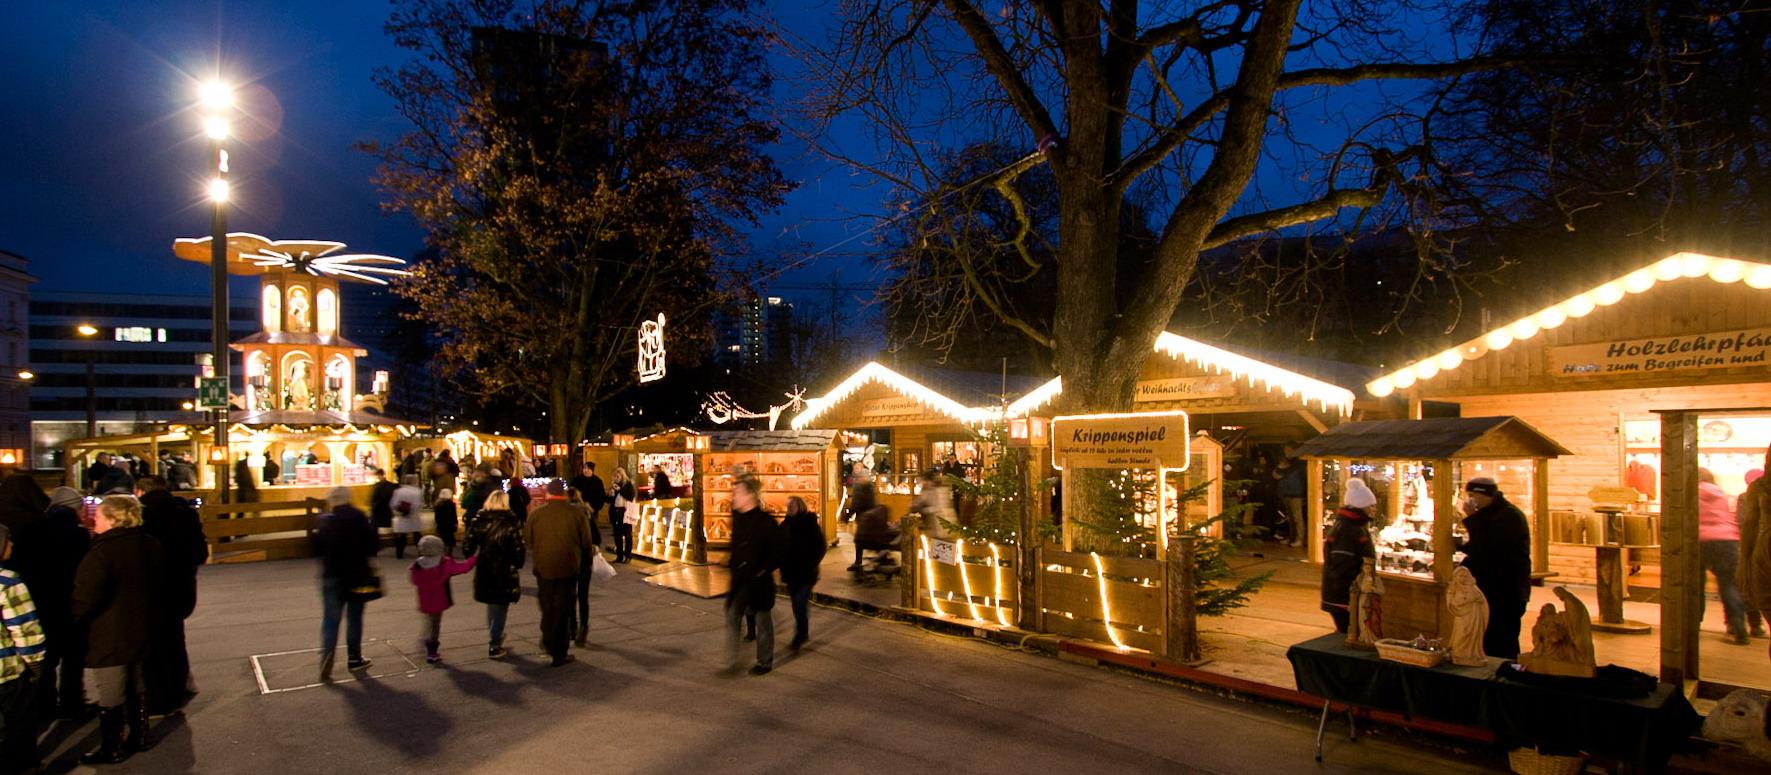 Weihnachtsmarkt Länger Als 24 12.Linzer Volksgarten Linzer Christkindl Und Weihnachtsmärkte